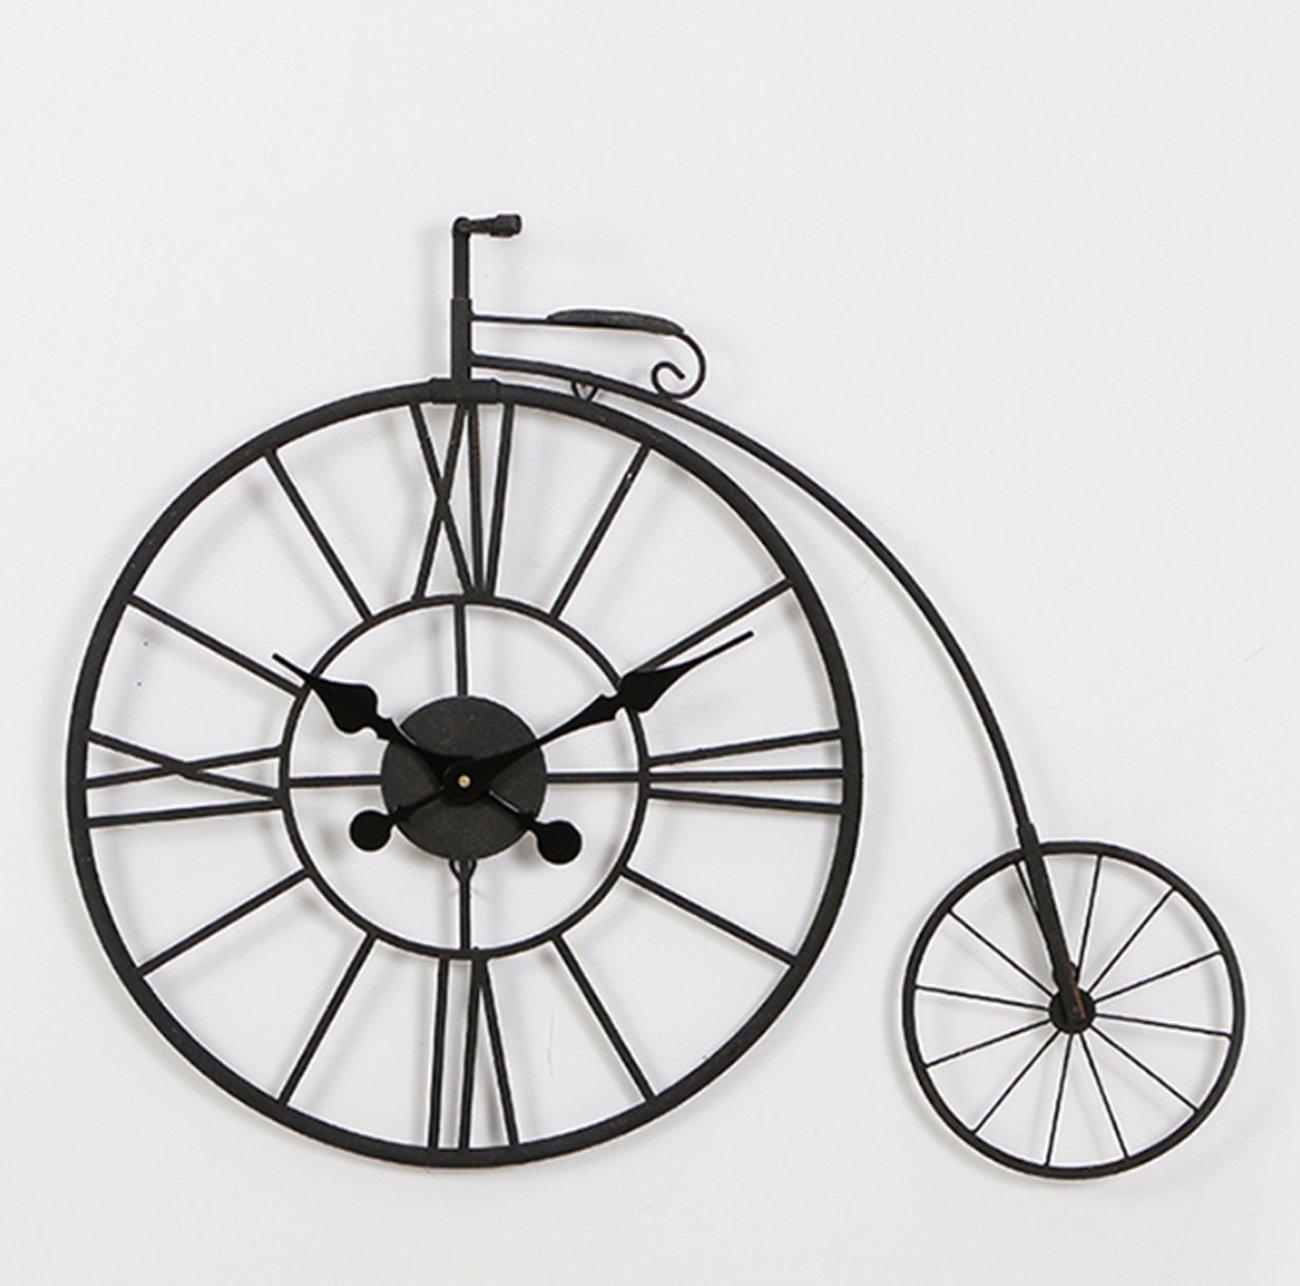 クリエイティブ中空バイクのタイプの壁時計ヨーロッパのノスタルジックな鉄の掛け時計の時計レトロな静かな壁の装飾時計バーカフェのリビングルーム(78 * 9.5 * 62センチメートル) B07CKGZZH9